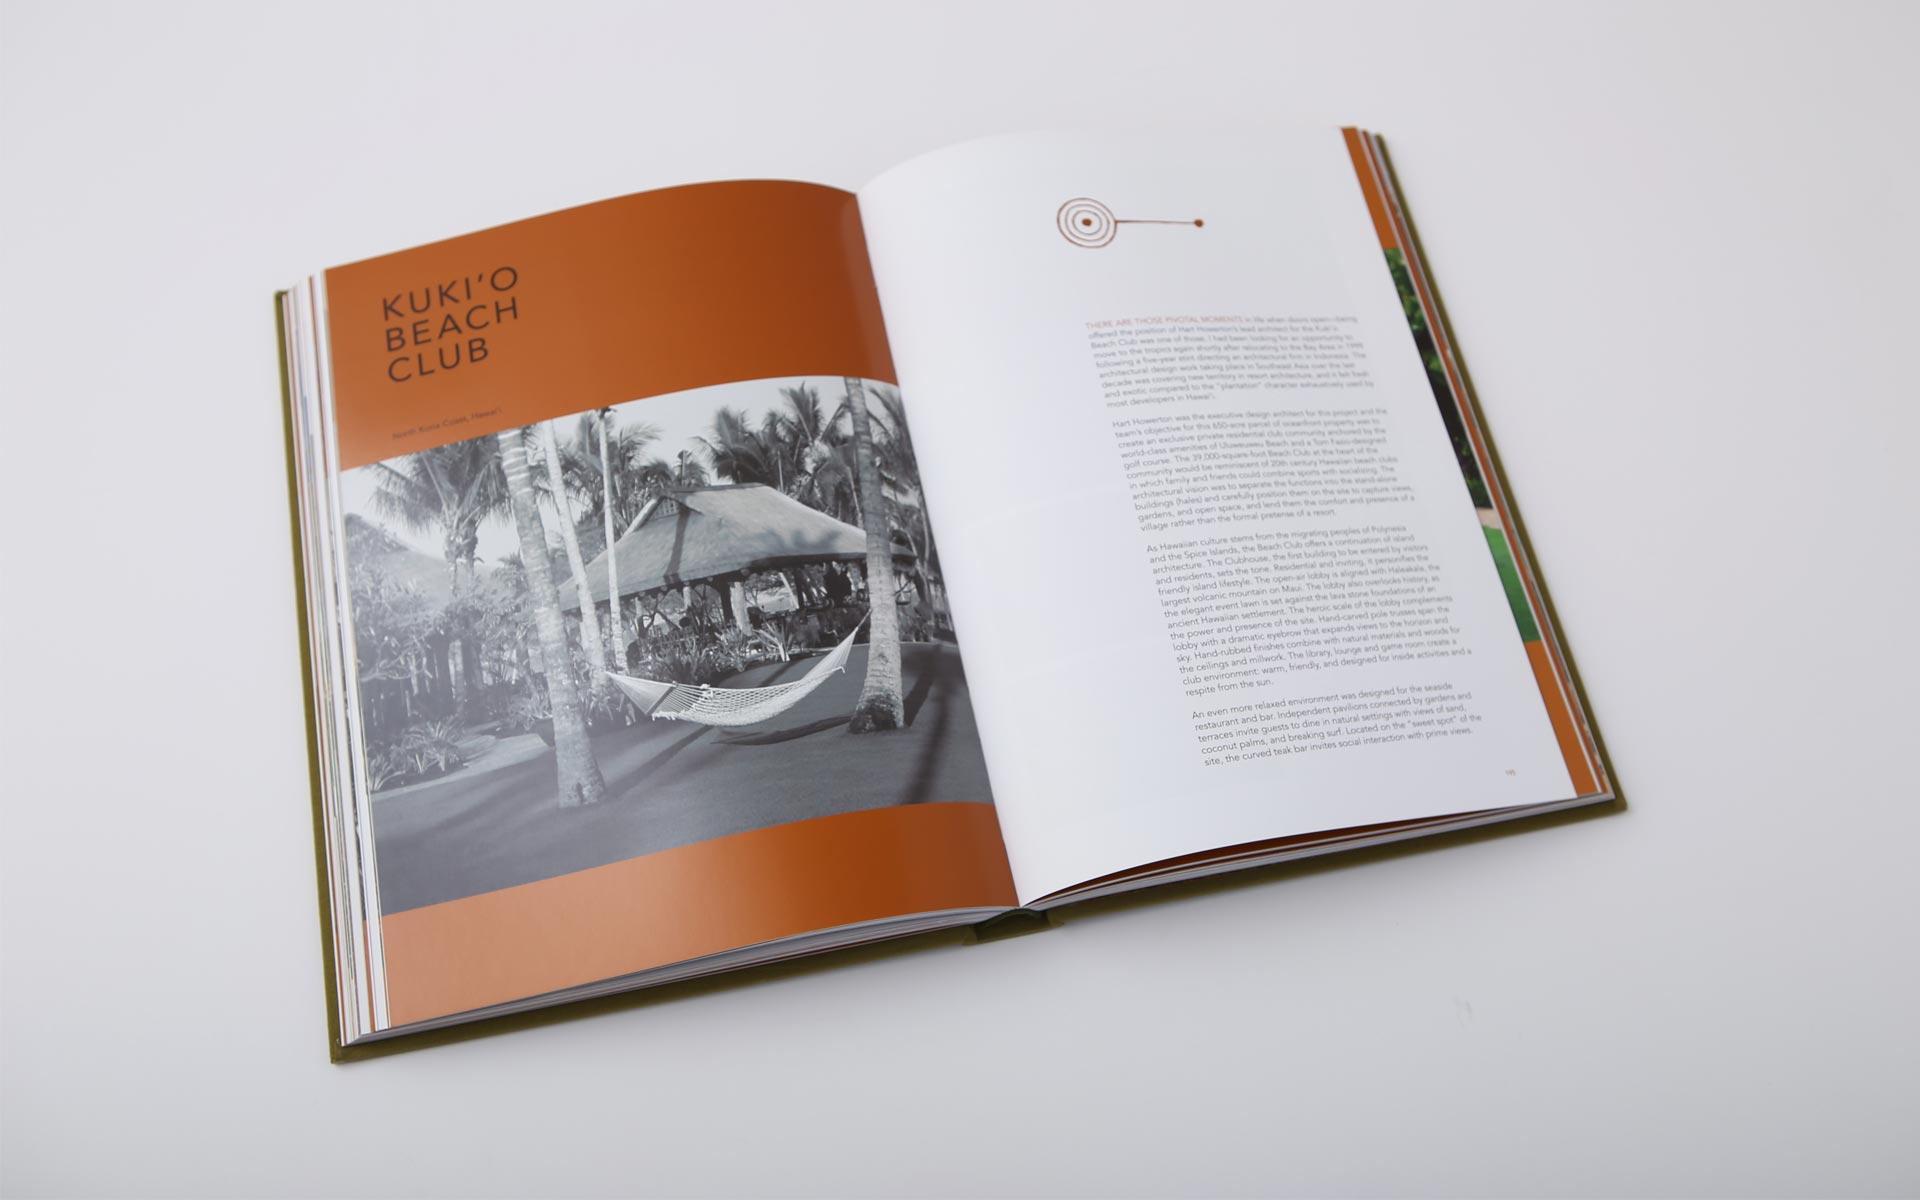 tropical-architecture-book-design-5